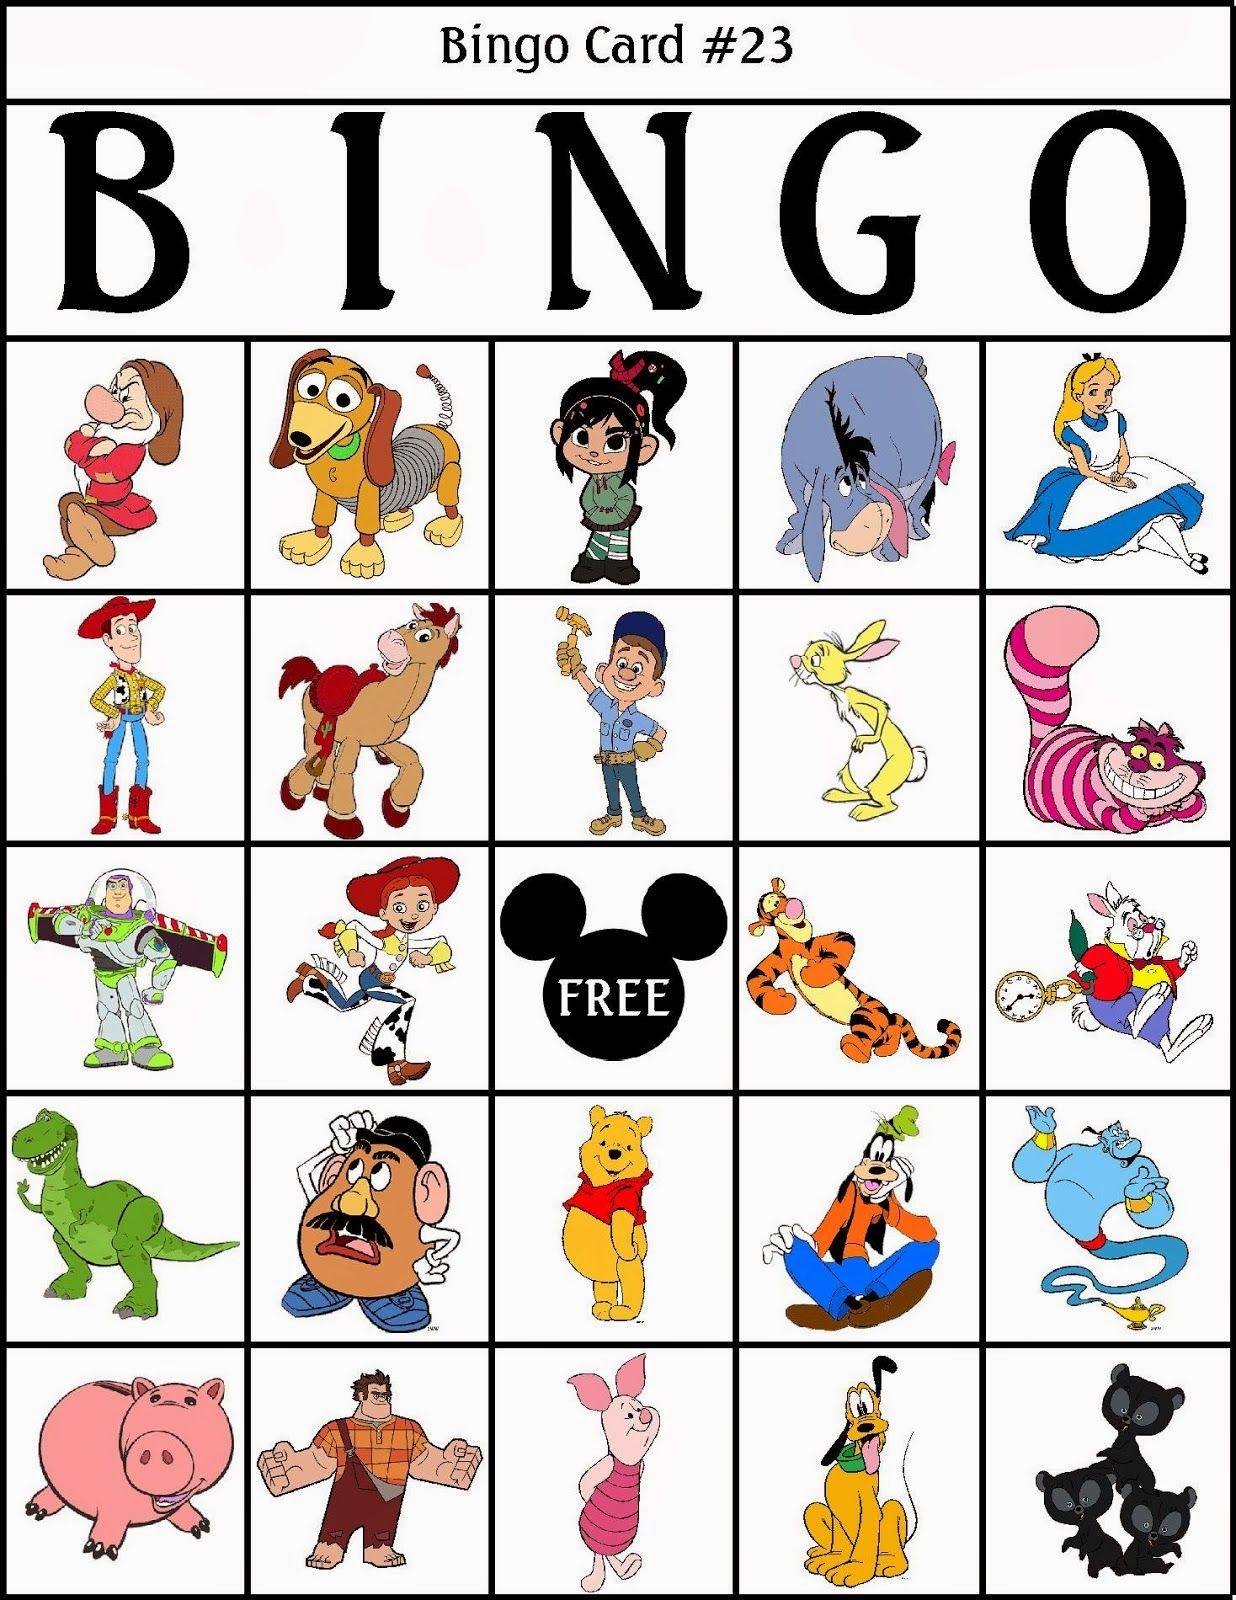 Bingo De Personajes Disney Para Imprimir Gratis Personajes Disney Cine Para Ninos Bingo